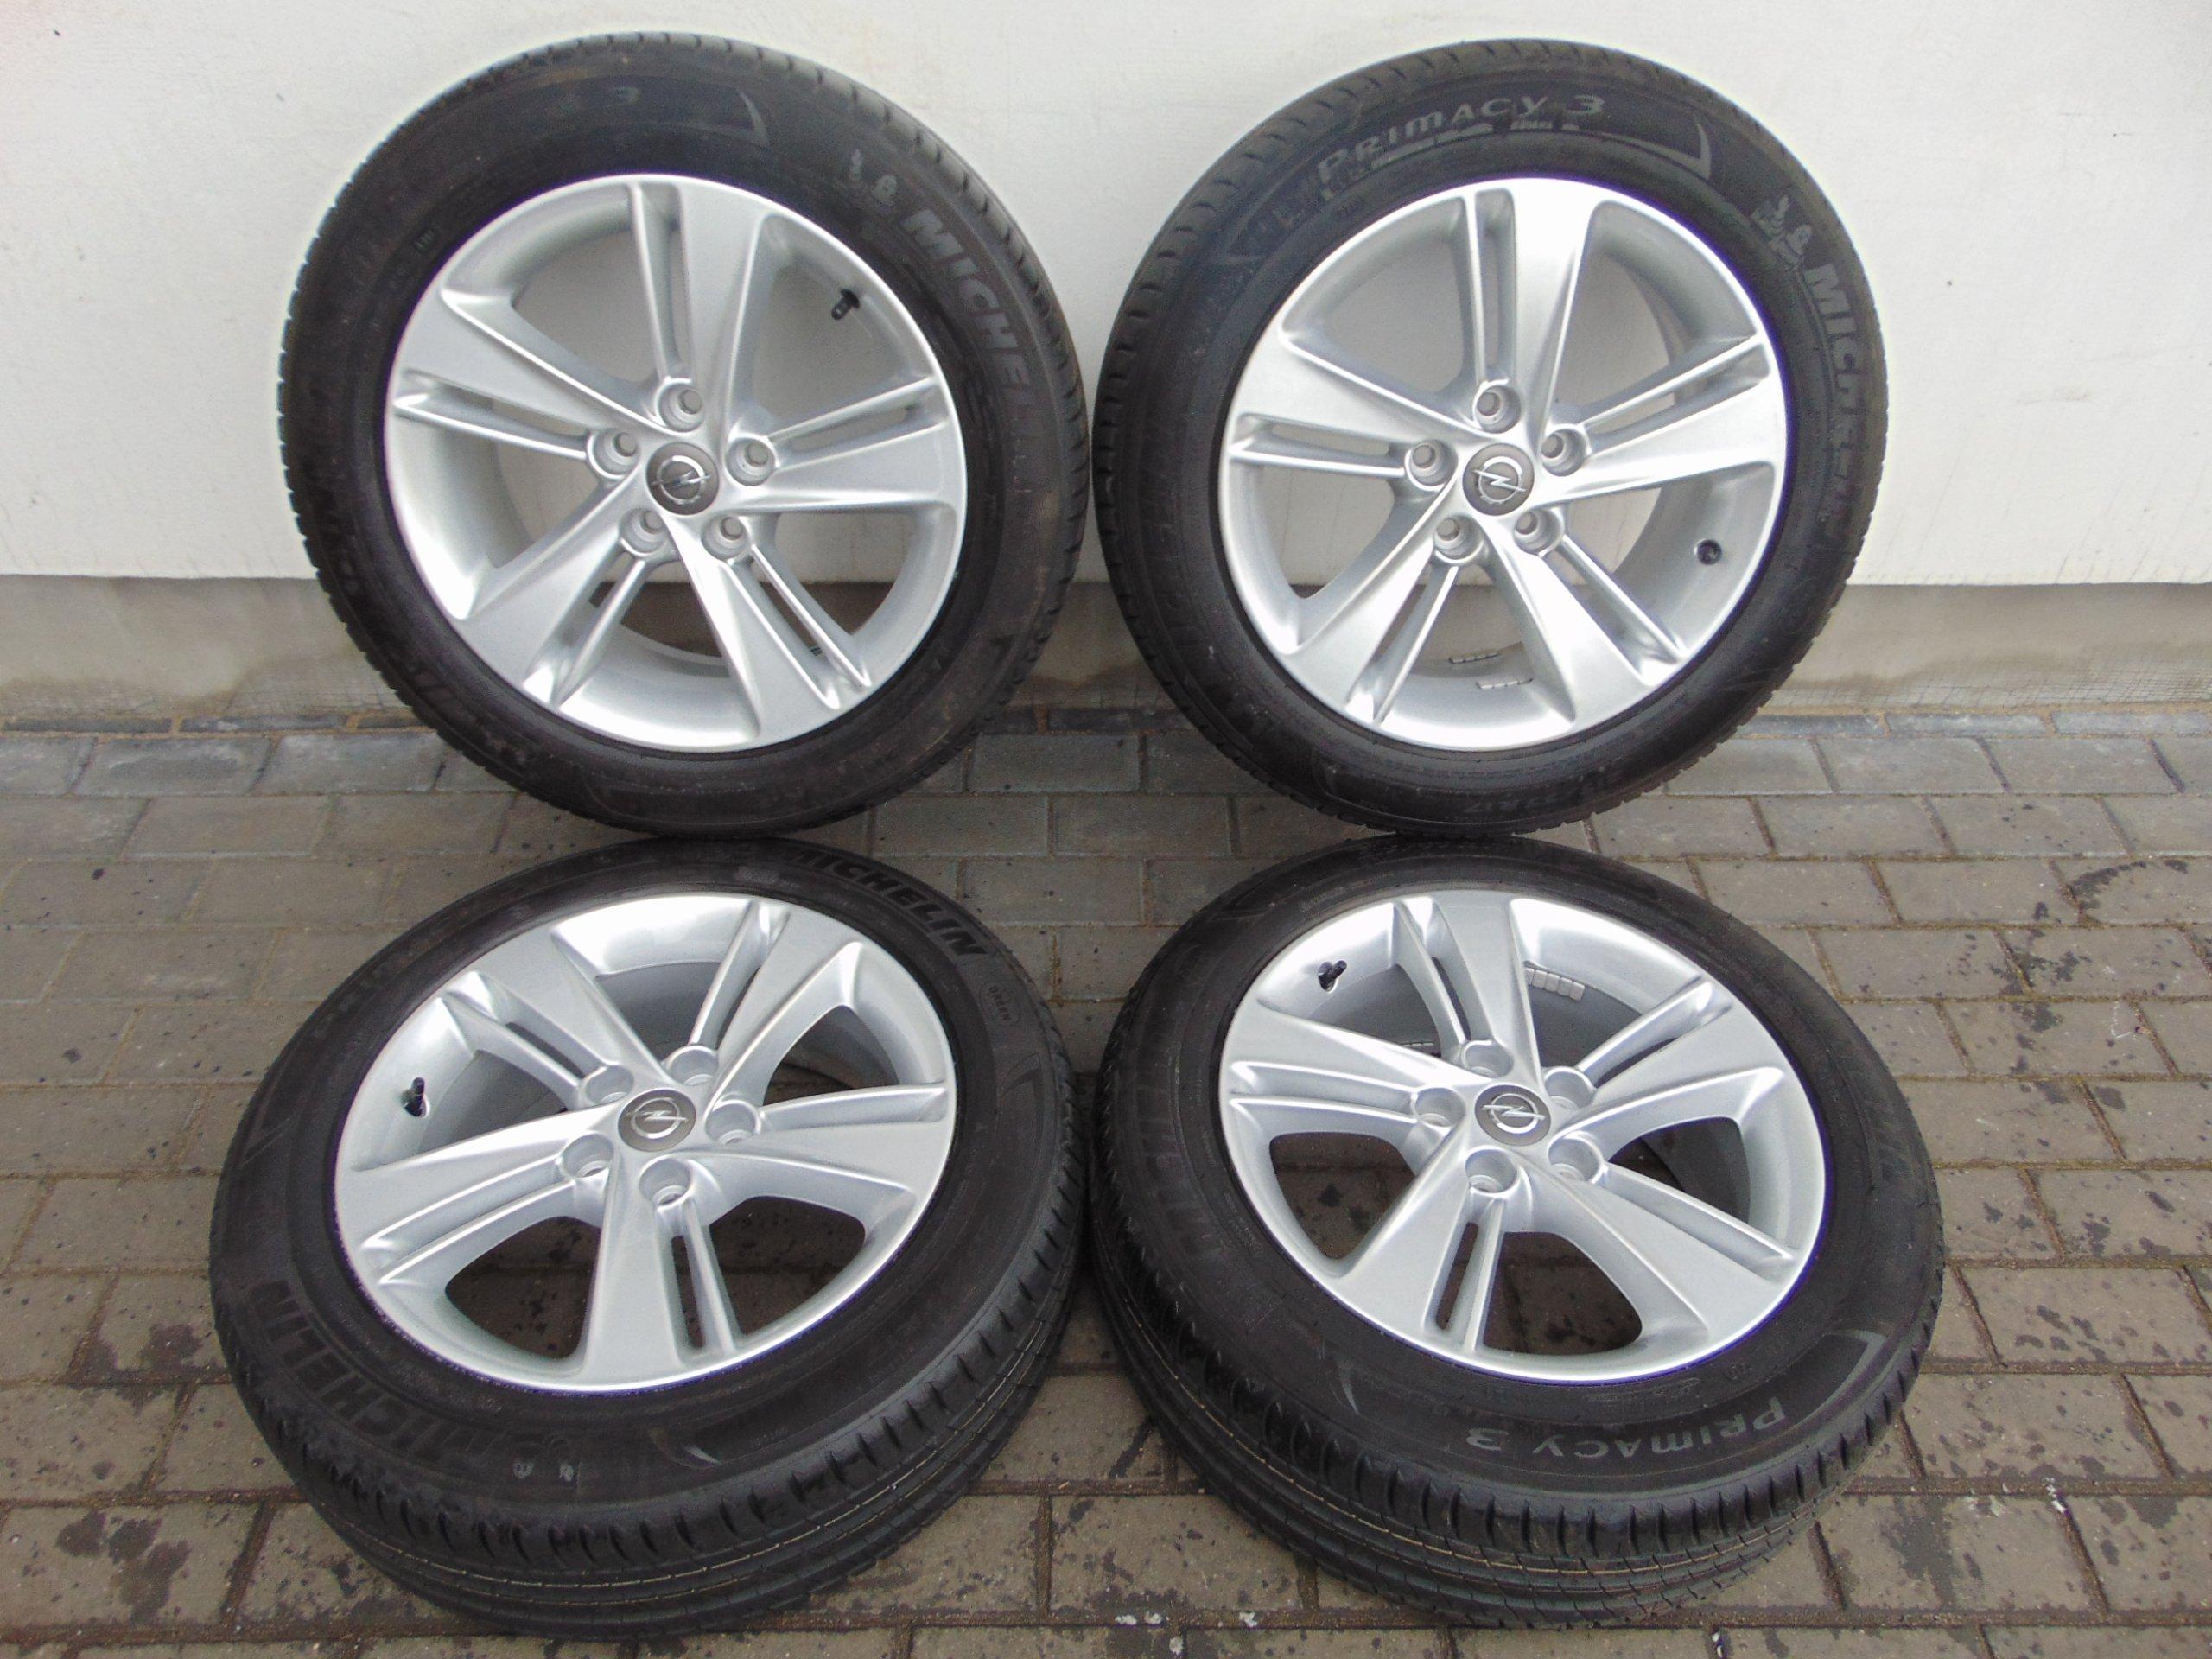 Opel Insignia B Astra J Zafira Felgi Aluminiowe 17 7101596996